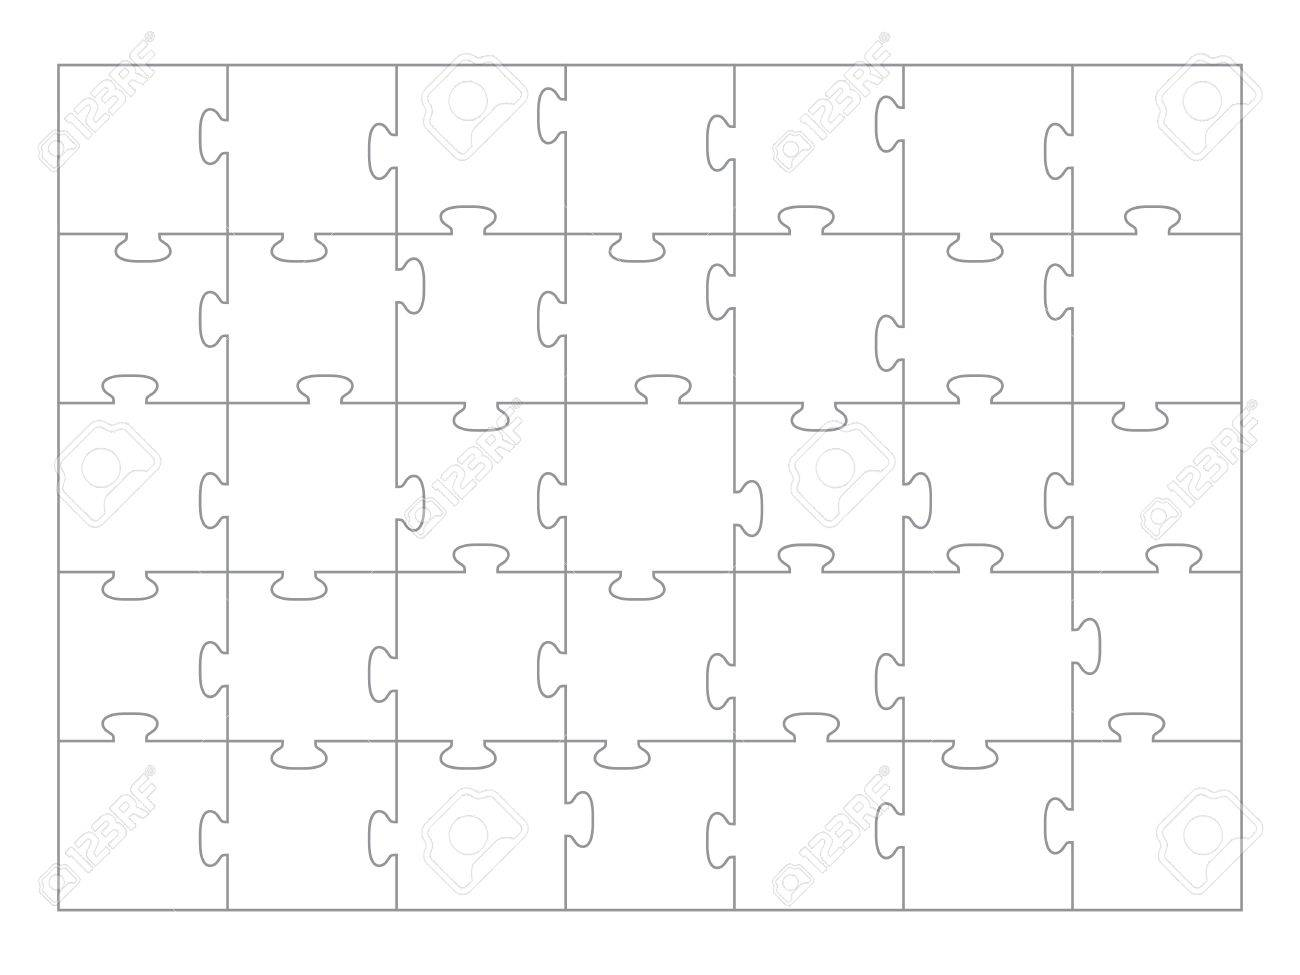 テンプレート 35 のジグソー パズルのピース ロイヤリティフリークリップ